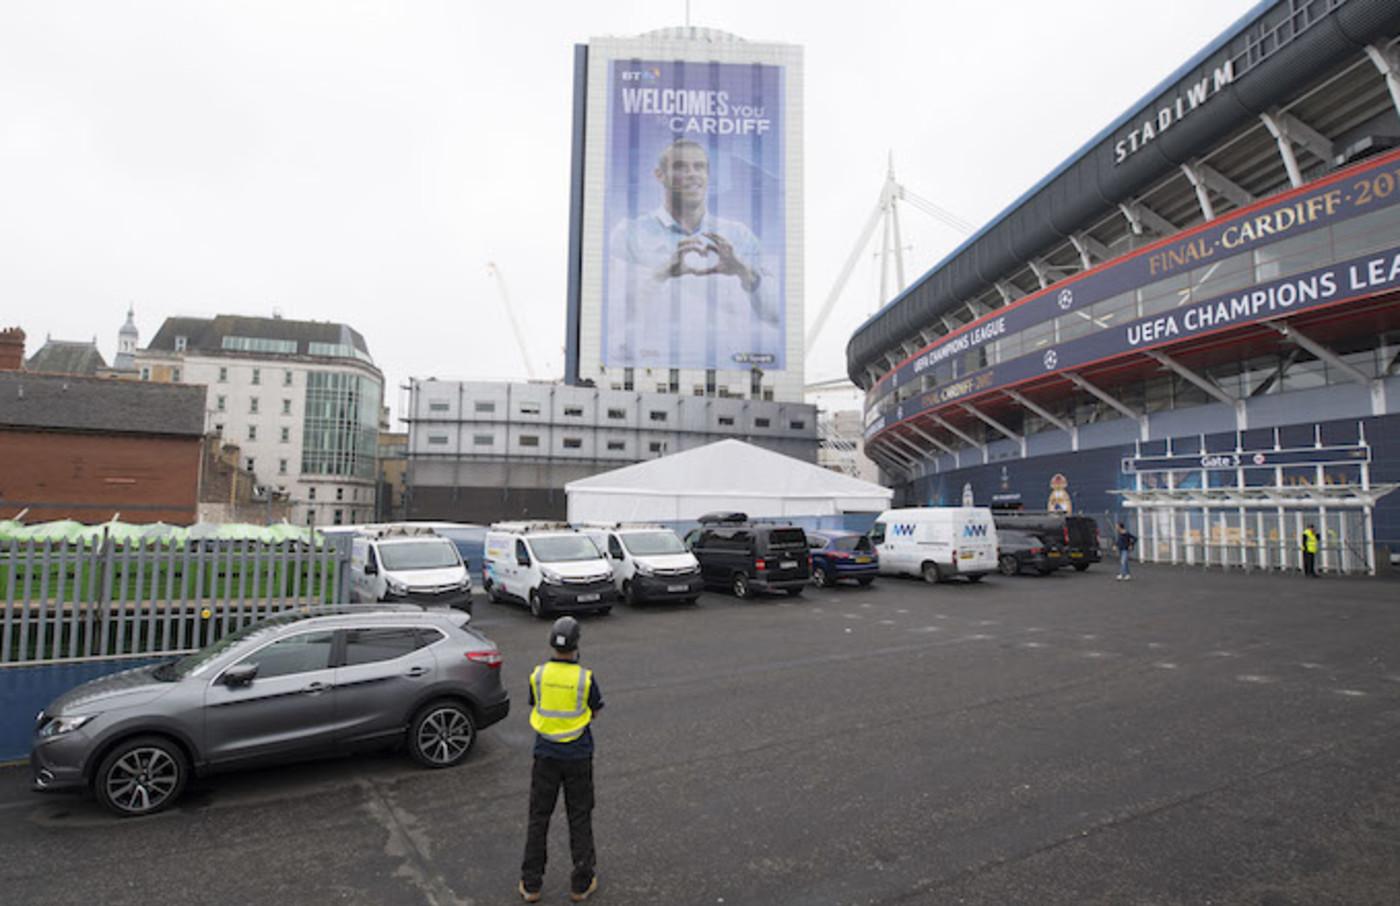 Cardiff city centre stadium